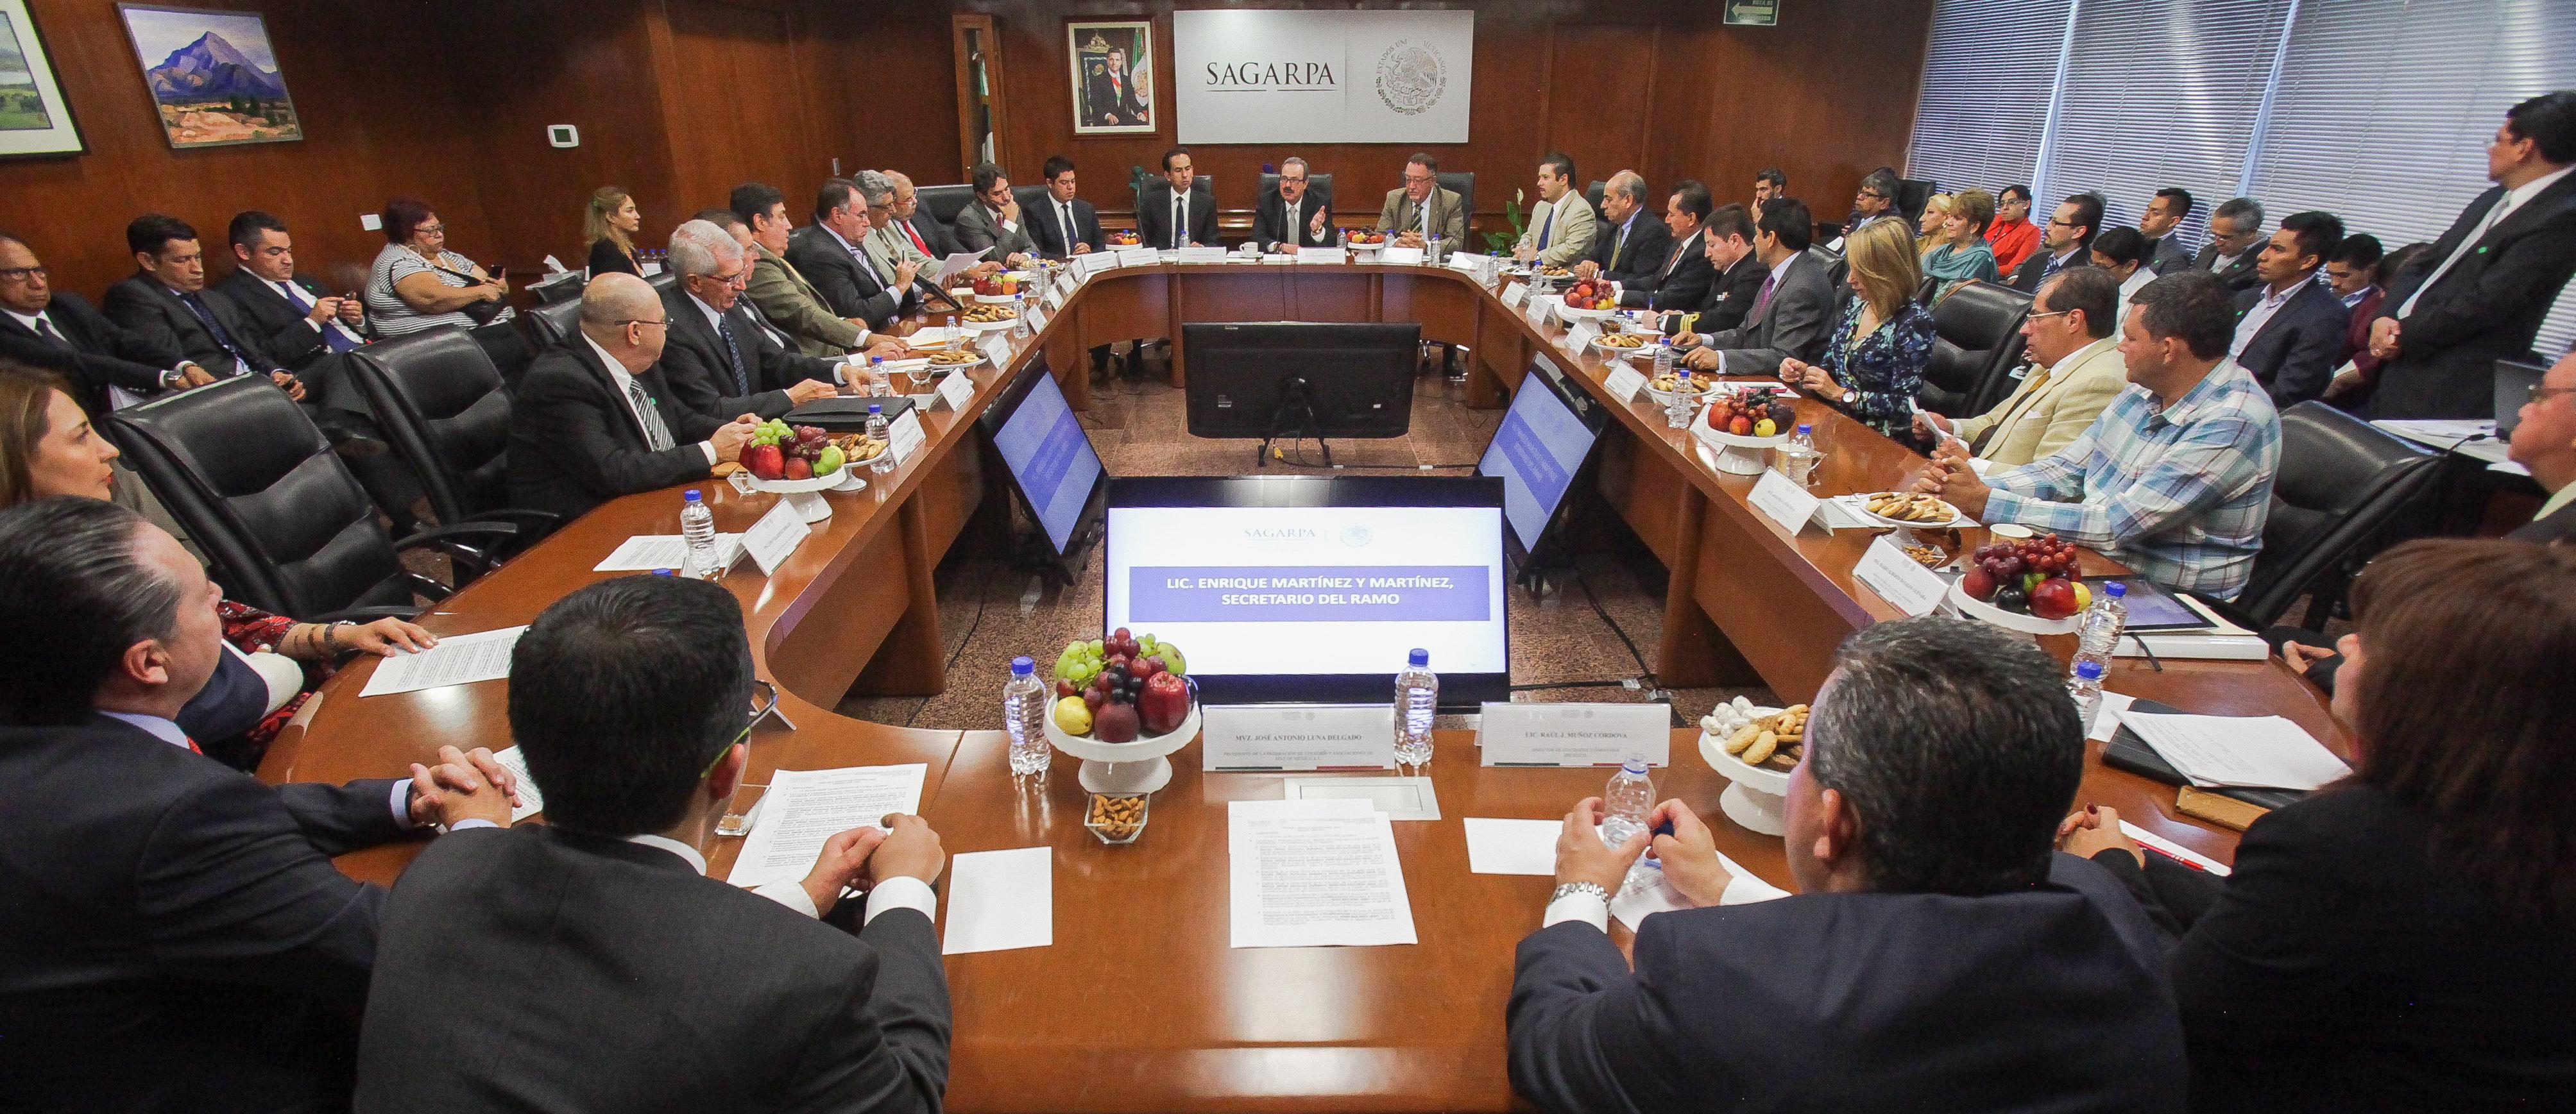 La administración del Presidente de la República, Enrique Peña Nieto, es un gobierno con sentido humano.